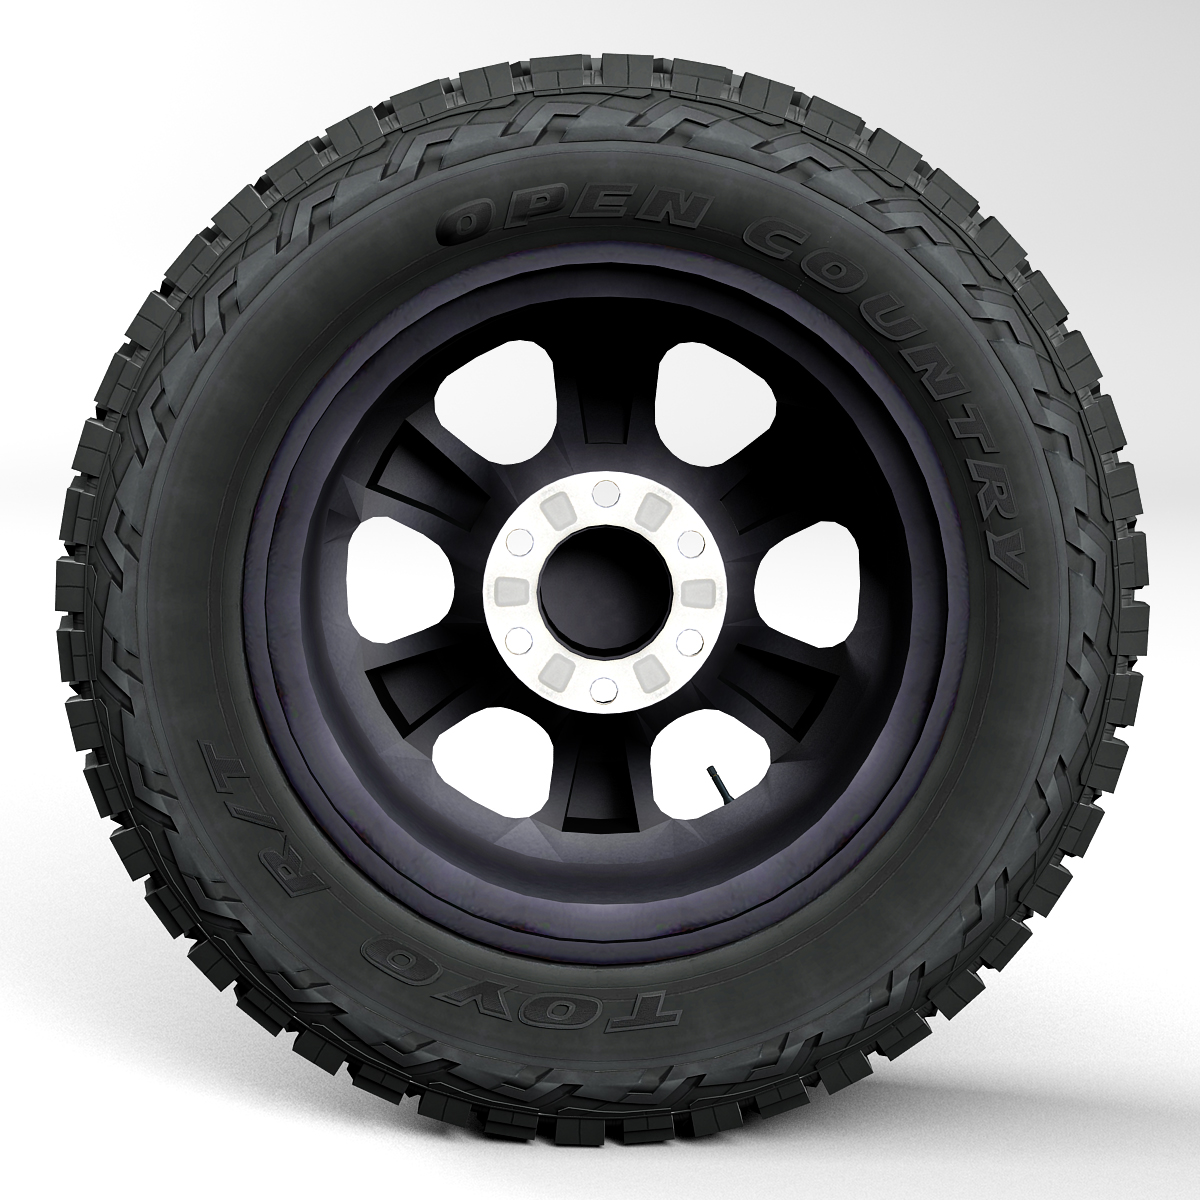 off road wheel and tire 2 3d model 3ds max fbx tga targa icb vda vst pix obj 224416